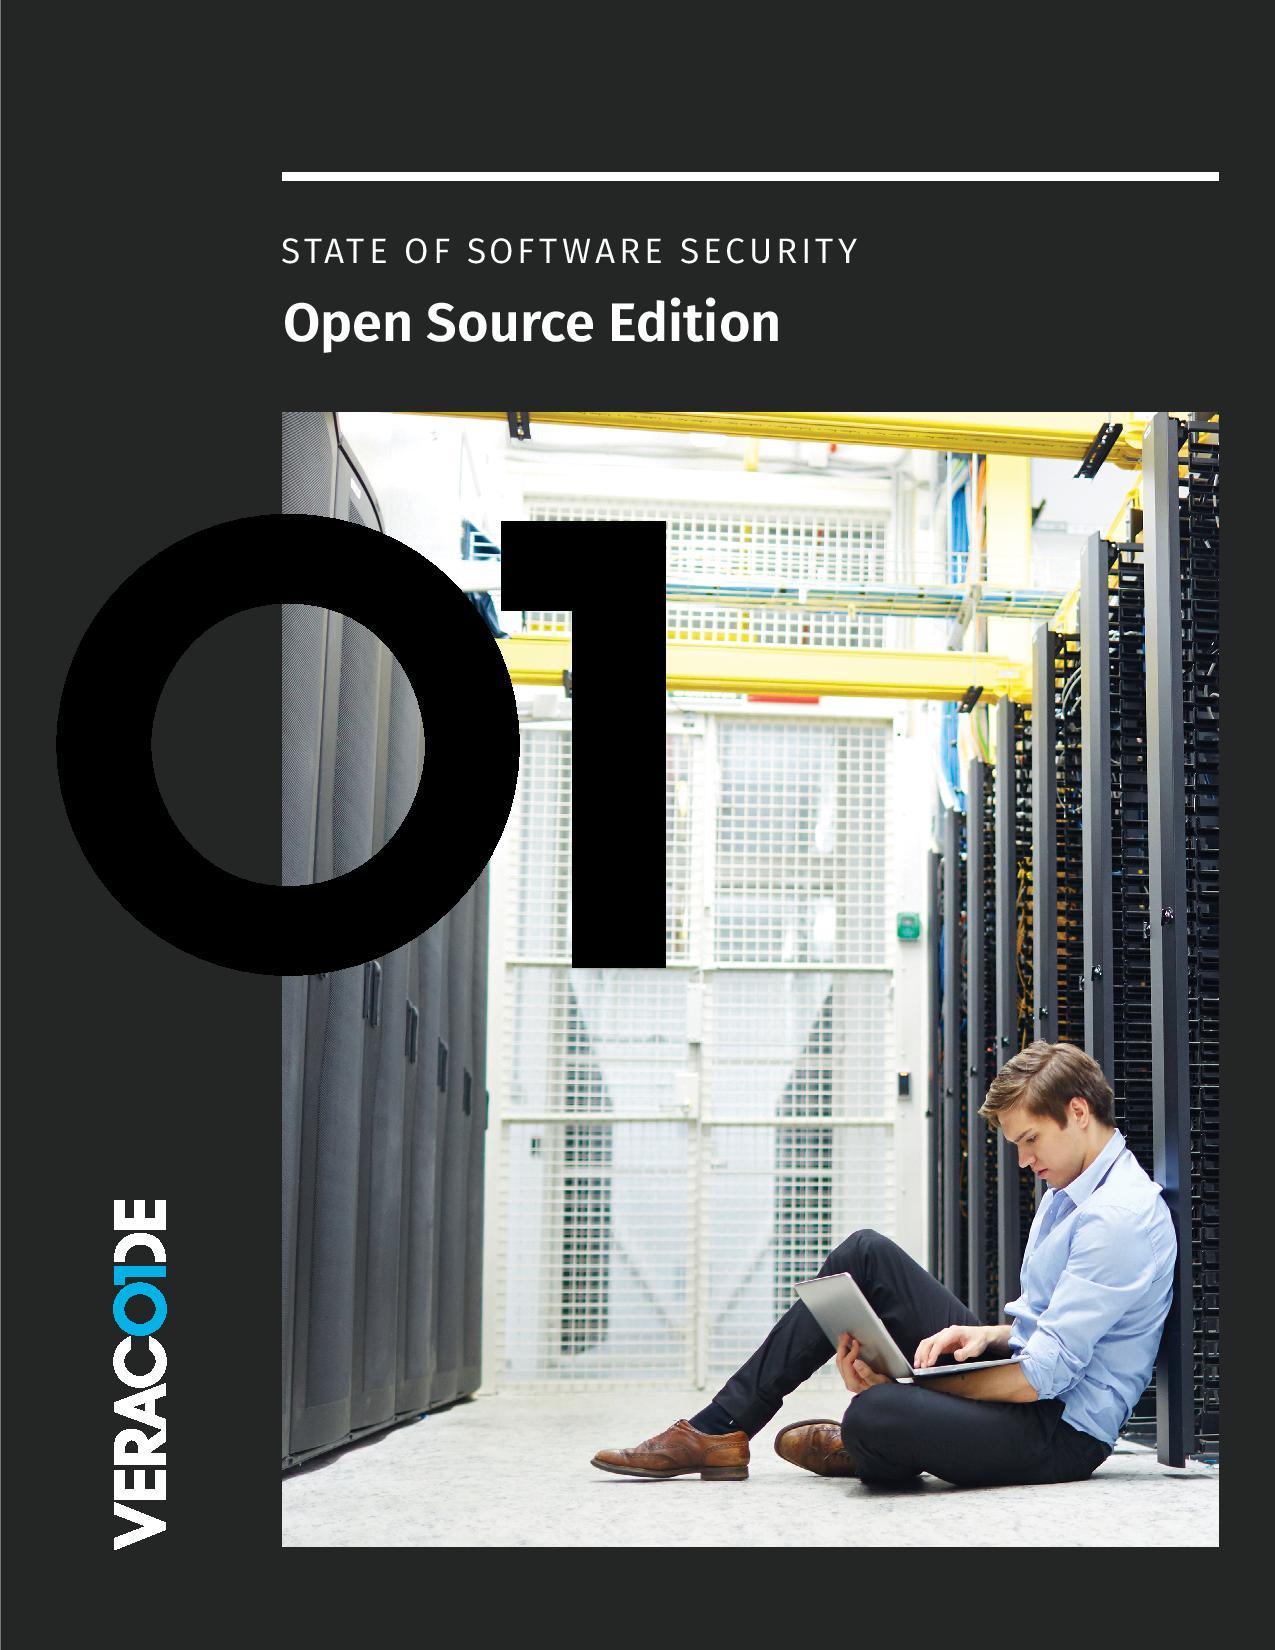 Etat des logiciels de sécurité : édition open source